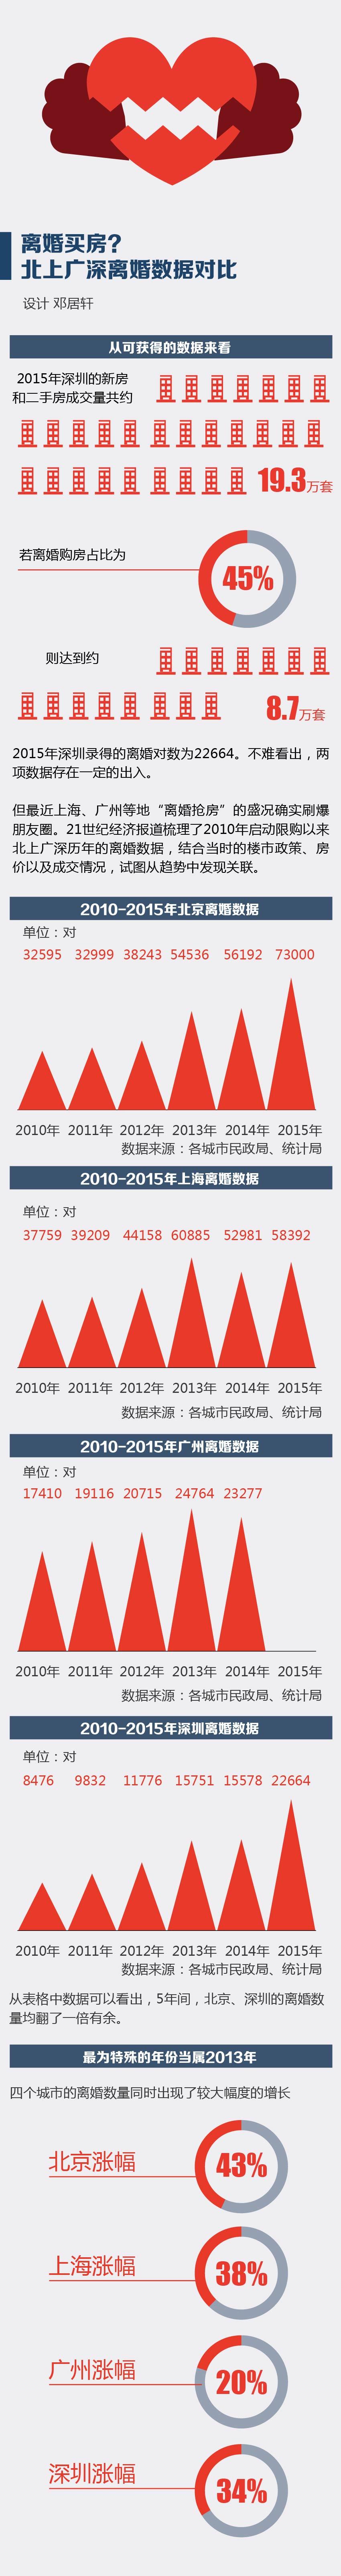 从表格中数据可以看出,5年间,北京、深圳的离婚数量均翻了一倍有余。最为特殊的年份当属2013年,四个城市的离婚数量同时出现了较大幅度的增长,涨幅分别为43%、38%、20%和34%。